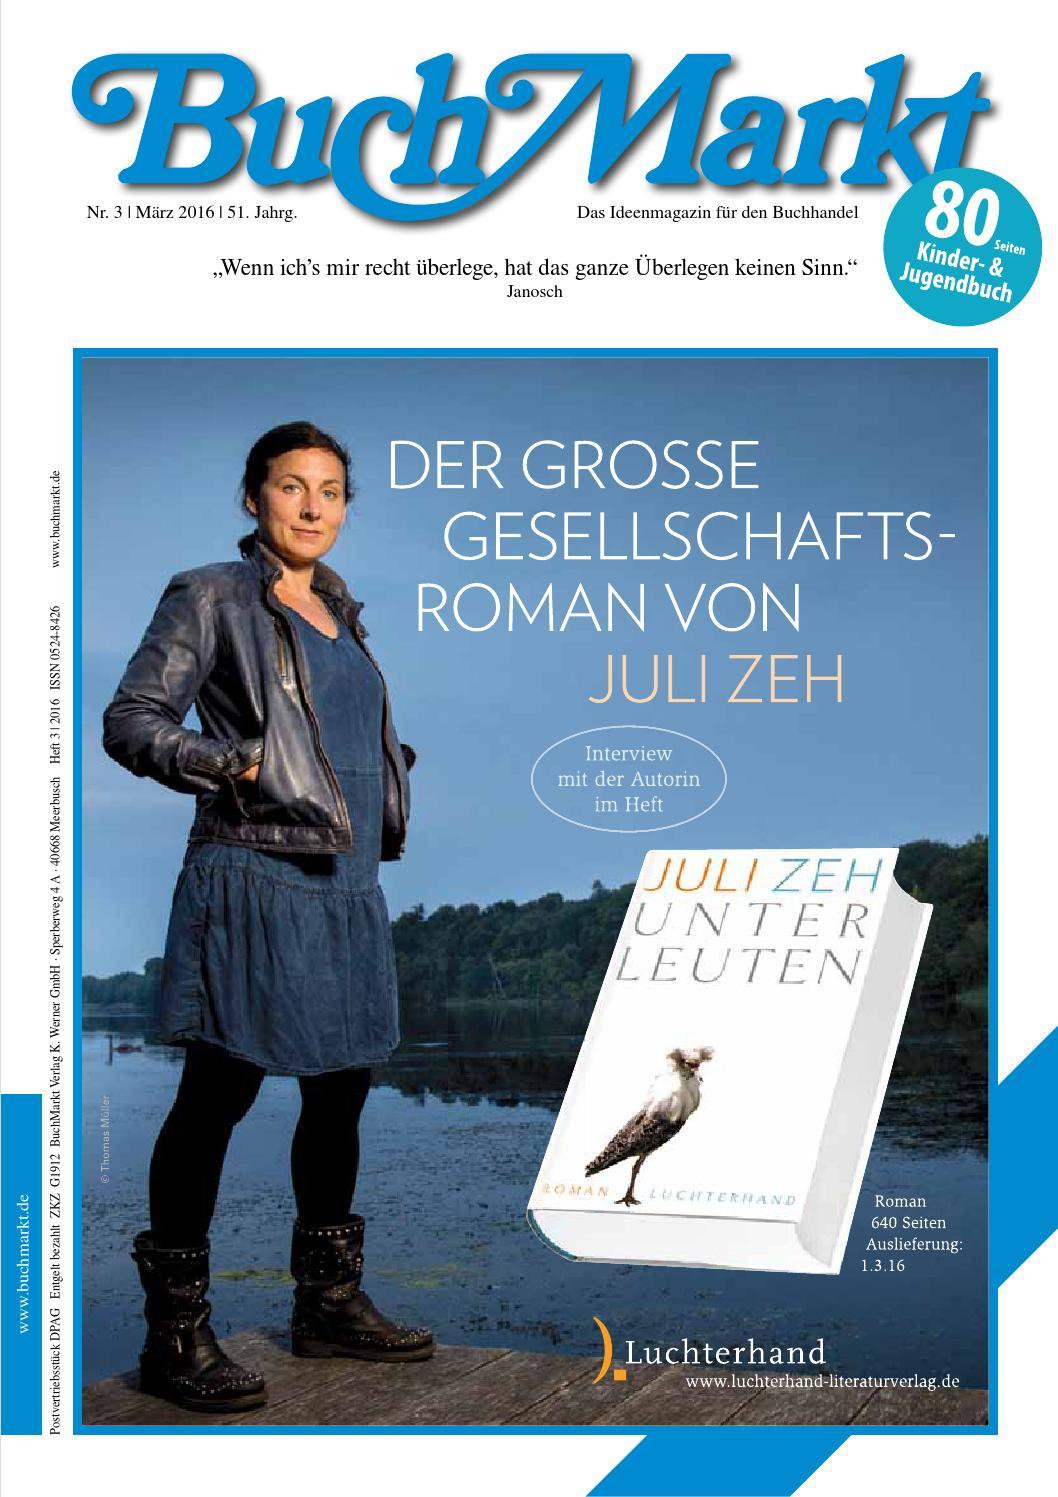 BuchMarkt Leseprobe & Verlagsanzeigen 03/2016 by BuchMarkt - issuu